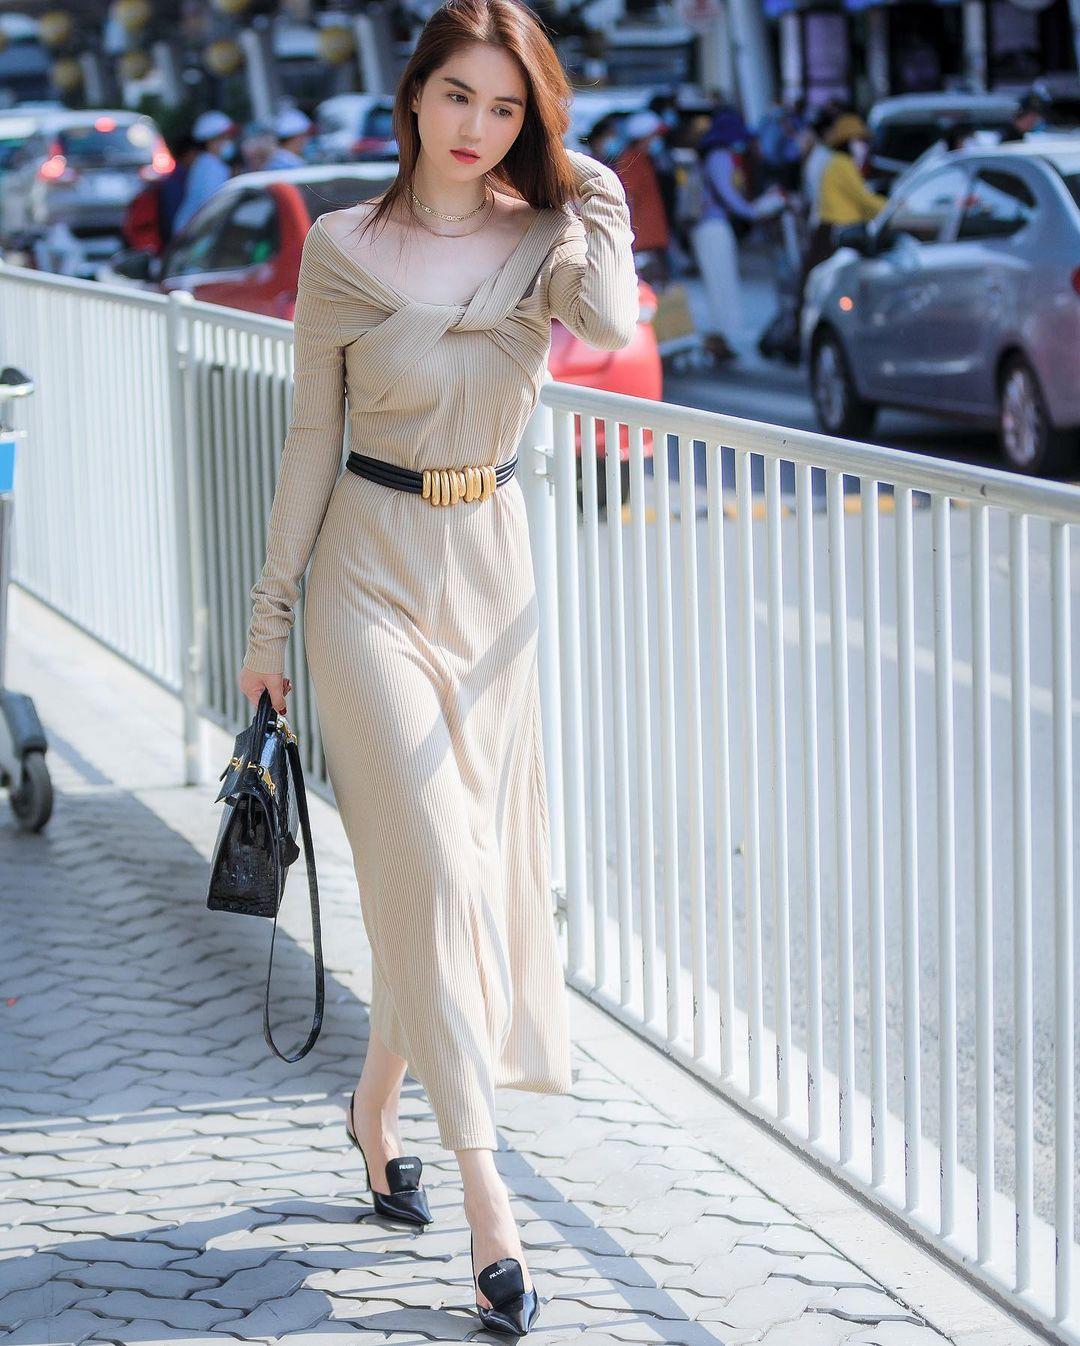 Cầm túi Hermès , đi giày Prada nhưng pha lên đồ này của Ngọc Trinh lại kém sang hơn Hà Tăng và Diễm My 9x - Ảnh 4.